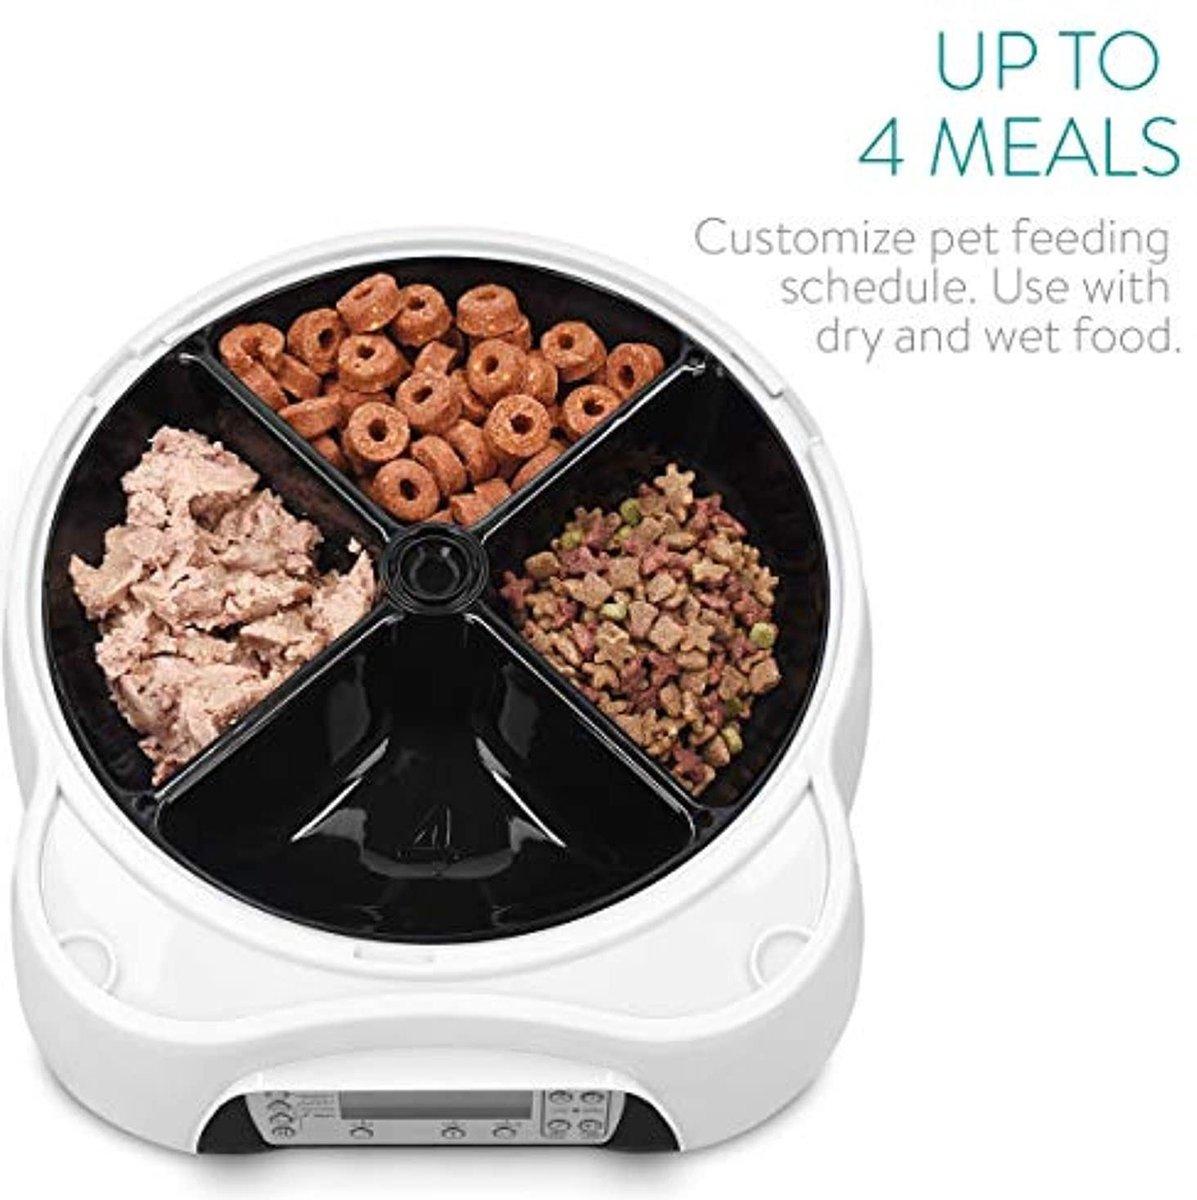 Automatische voederautomaat met drinkstation, voederdispenser voor honden en katten, voederbak, eetk